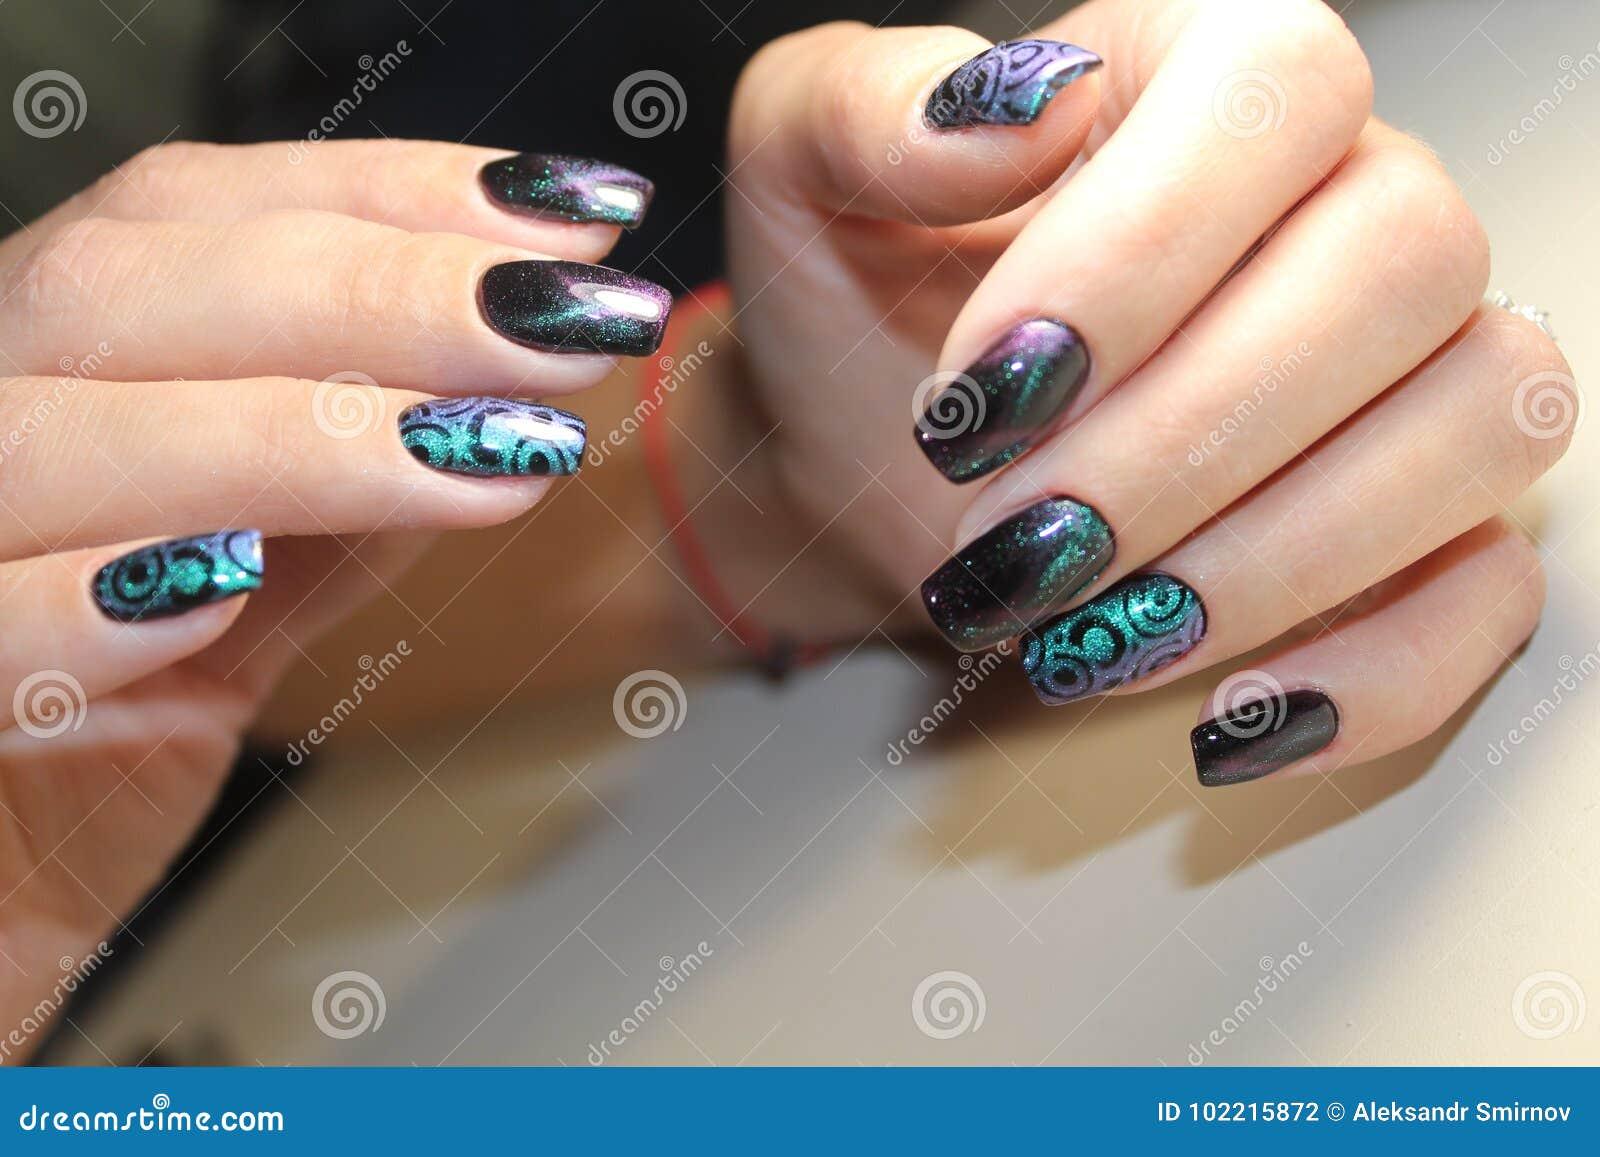 Beautiful Nail Art Manicure Stock Photo Image Of Black Style